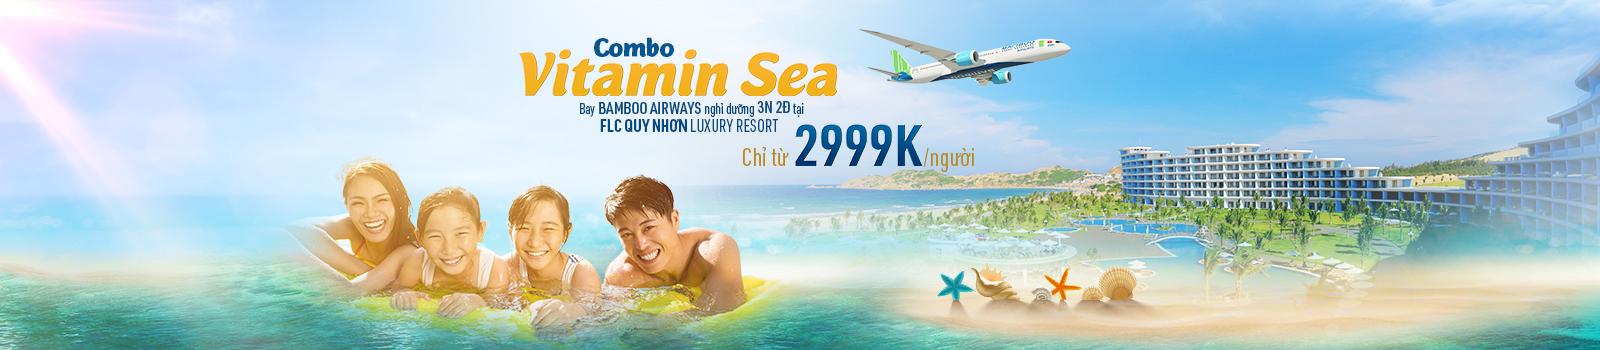 VITAMIN SEA gia đình - Cuối tuần hạnh phúc - Bay Bamboo nghỉ FLC Quy Nhơn